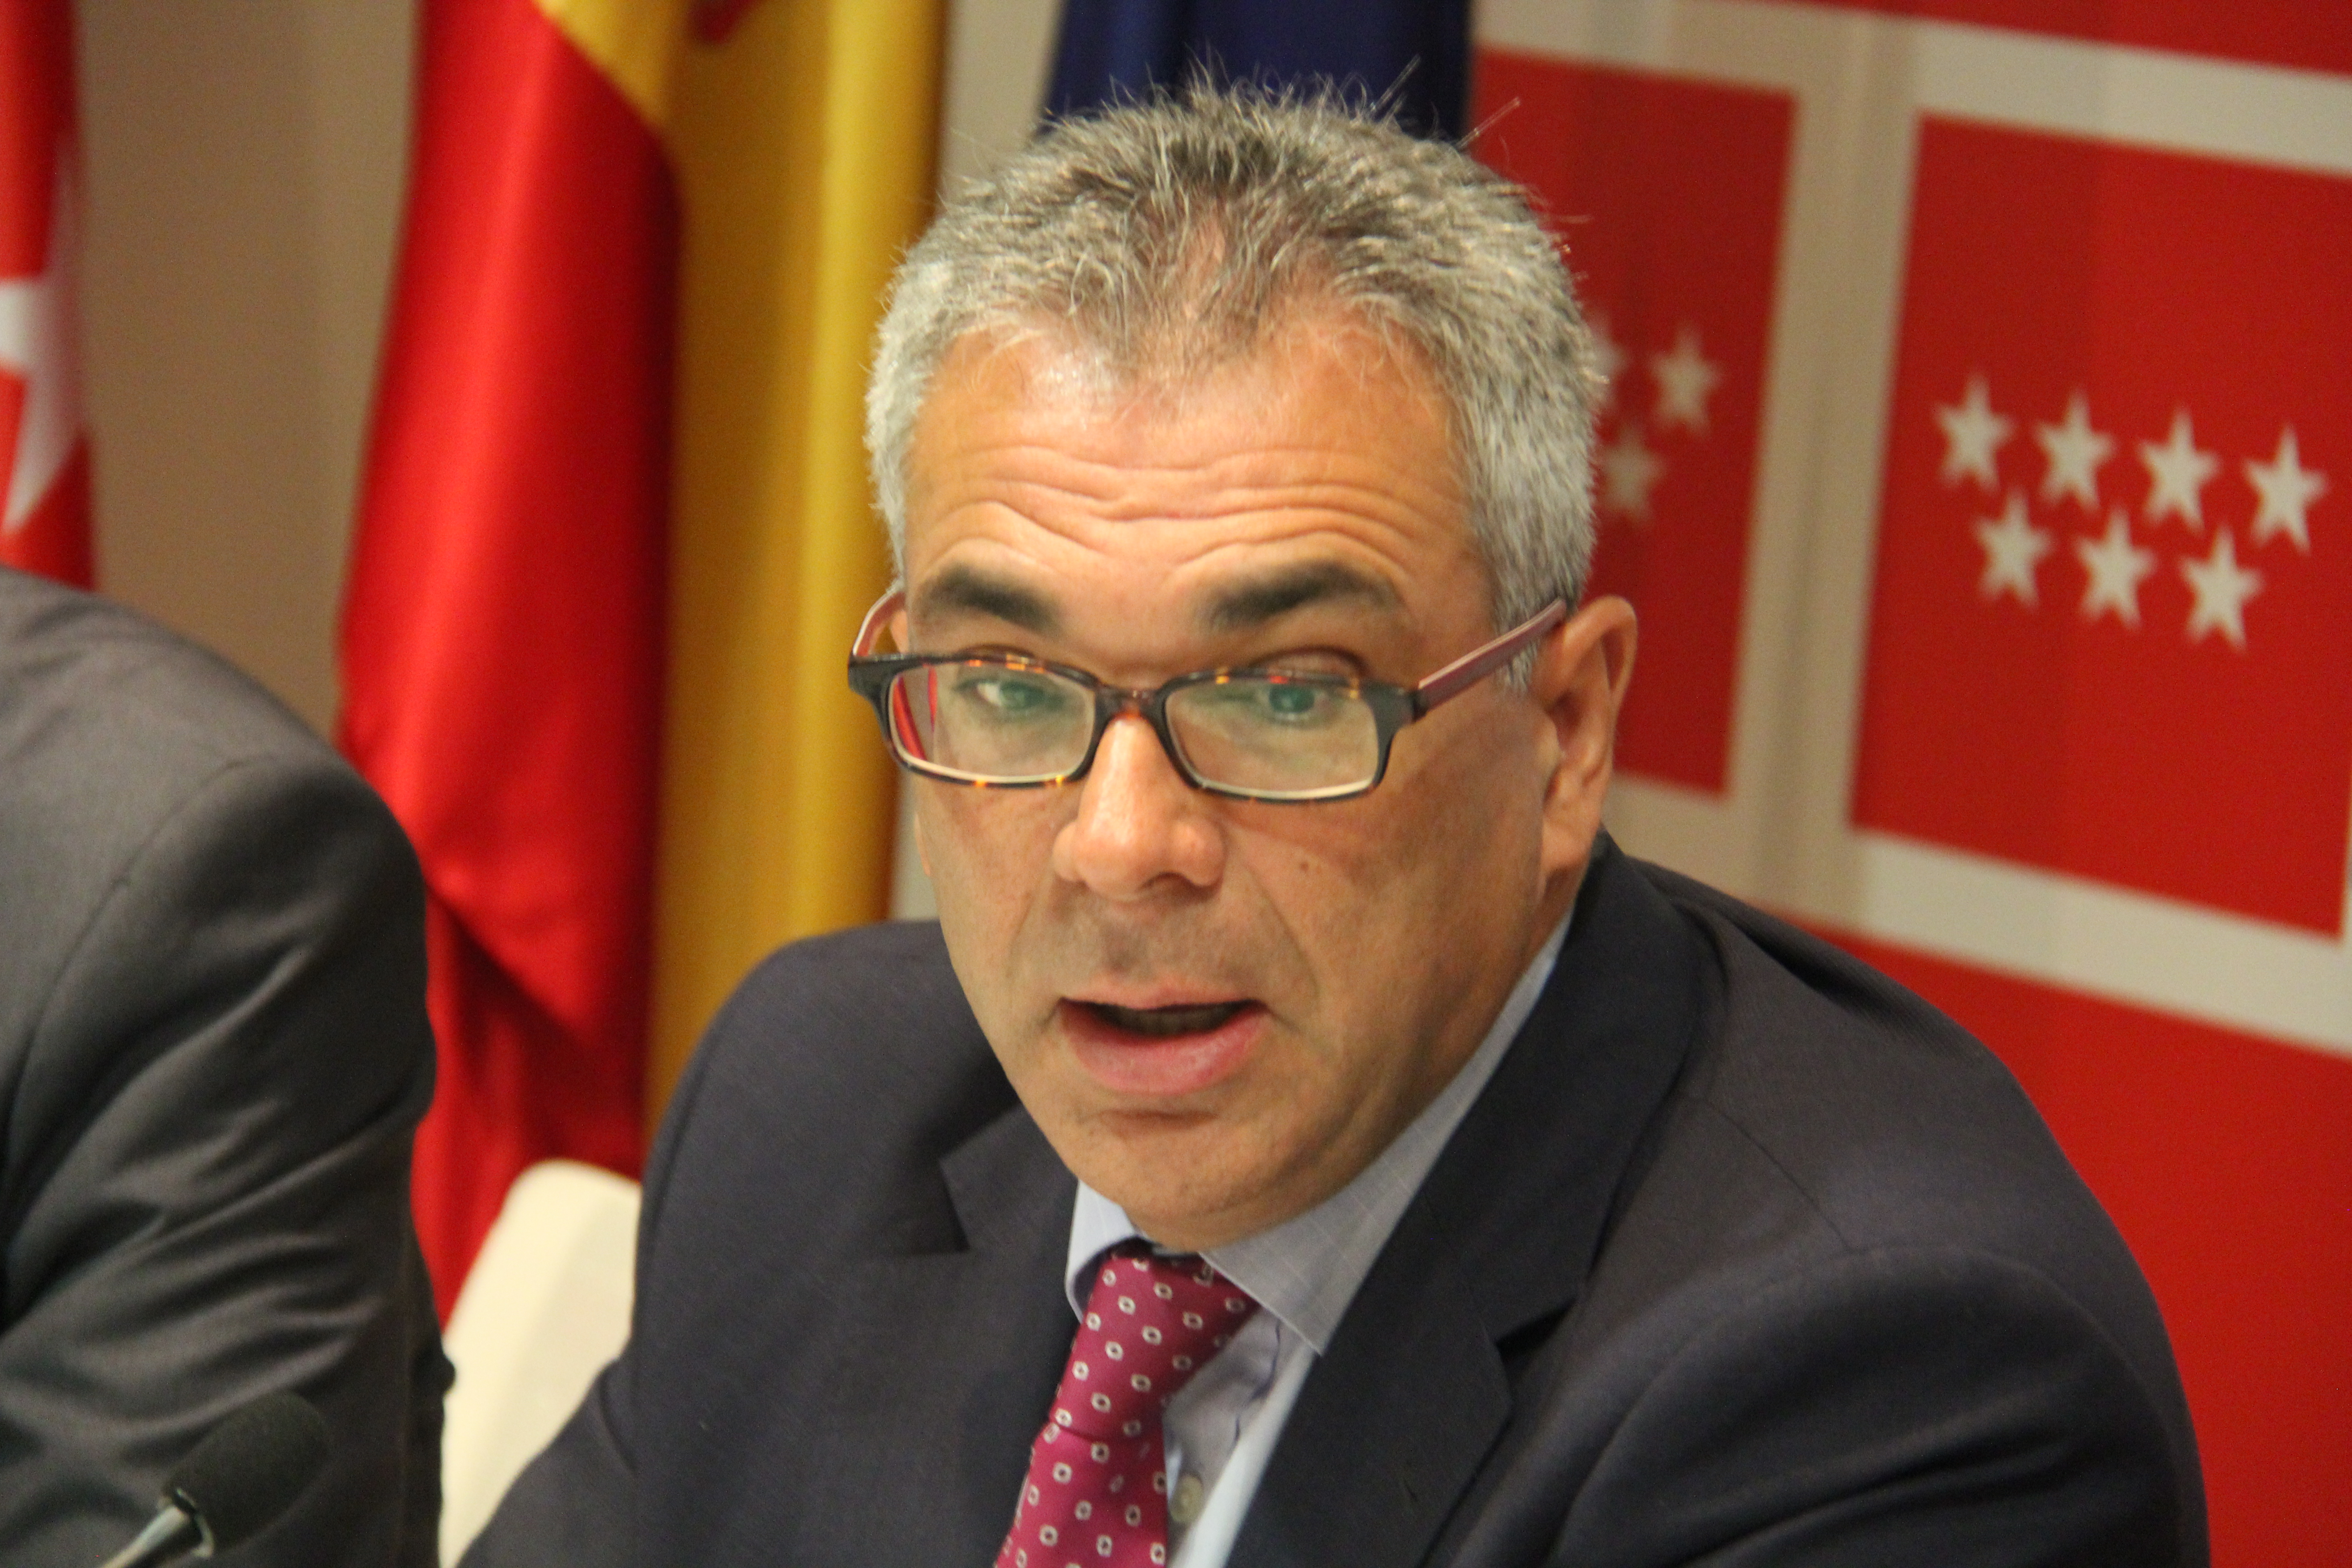 Carlos Izquierdo, Consejero de Políticas Sociales de la Comunidad de Madrid